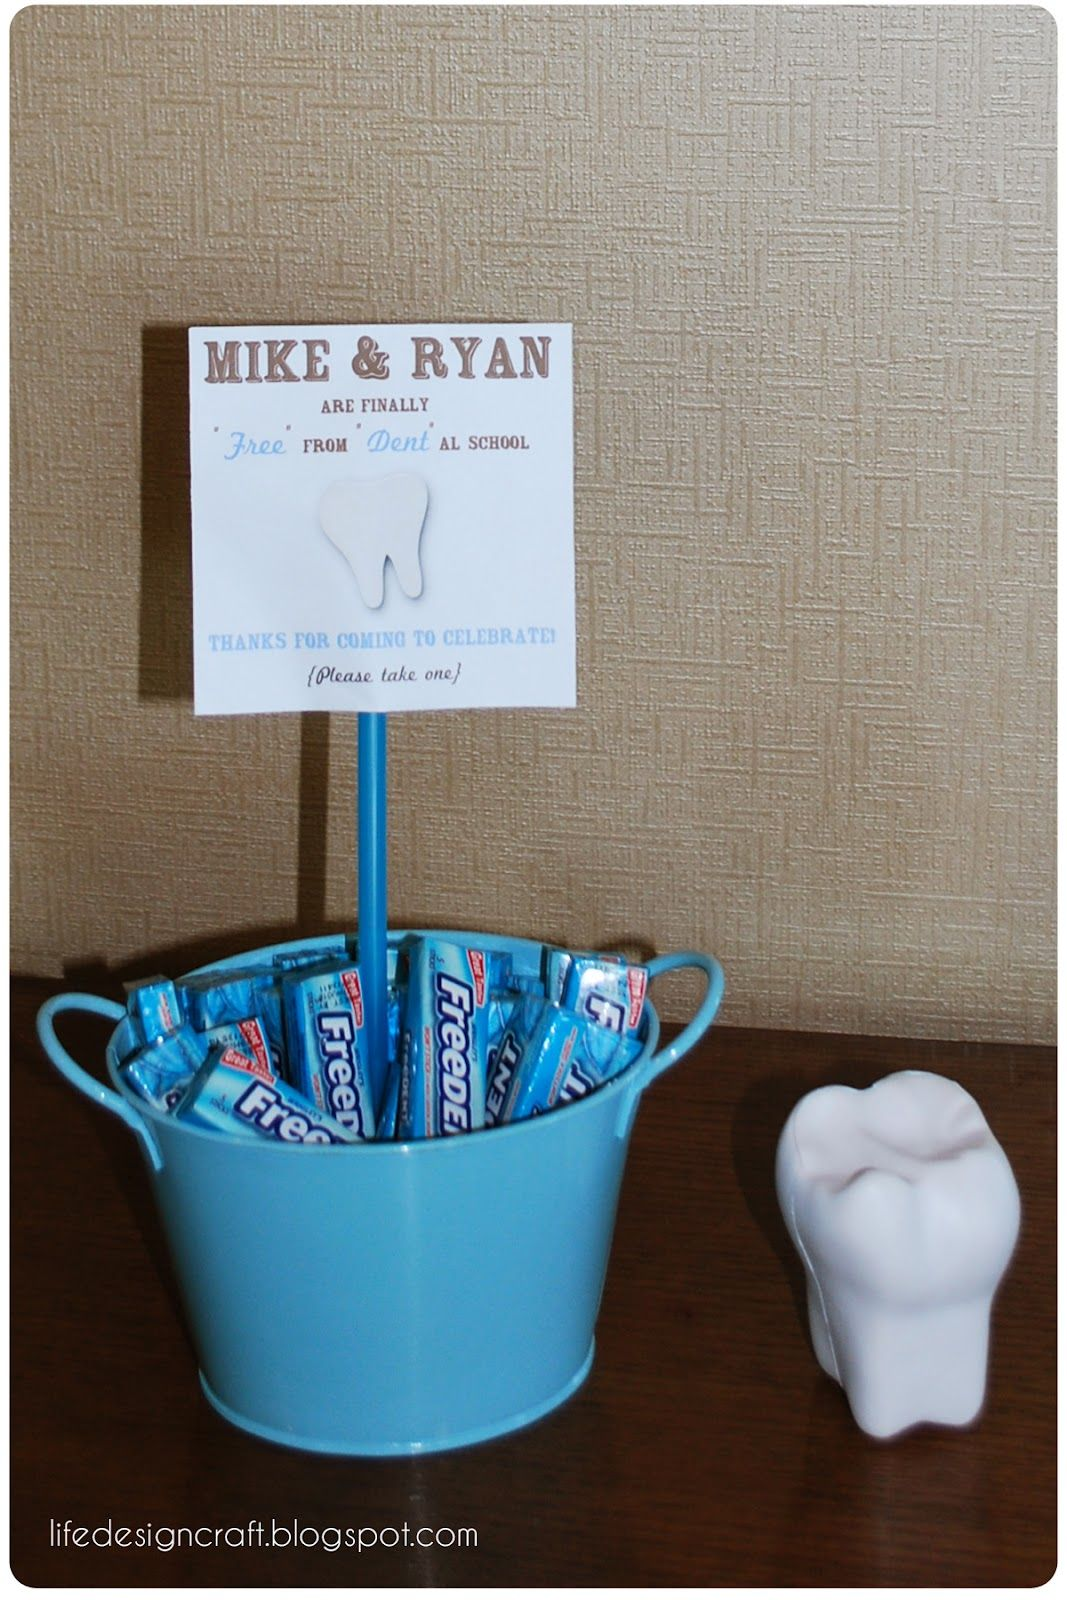 dental school graduation open house/party details | life. design